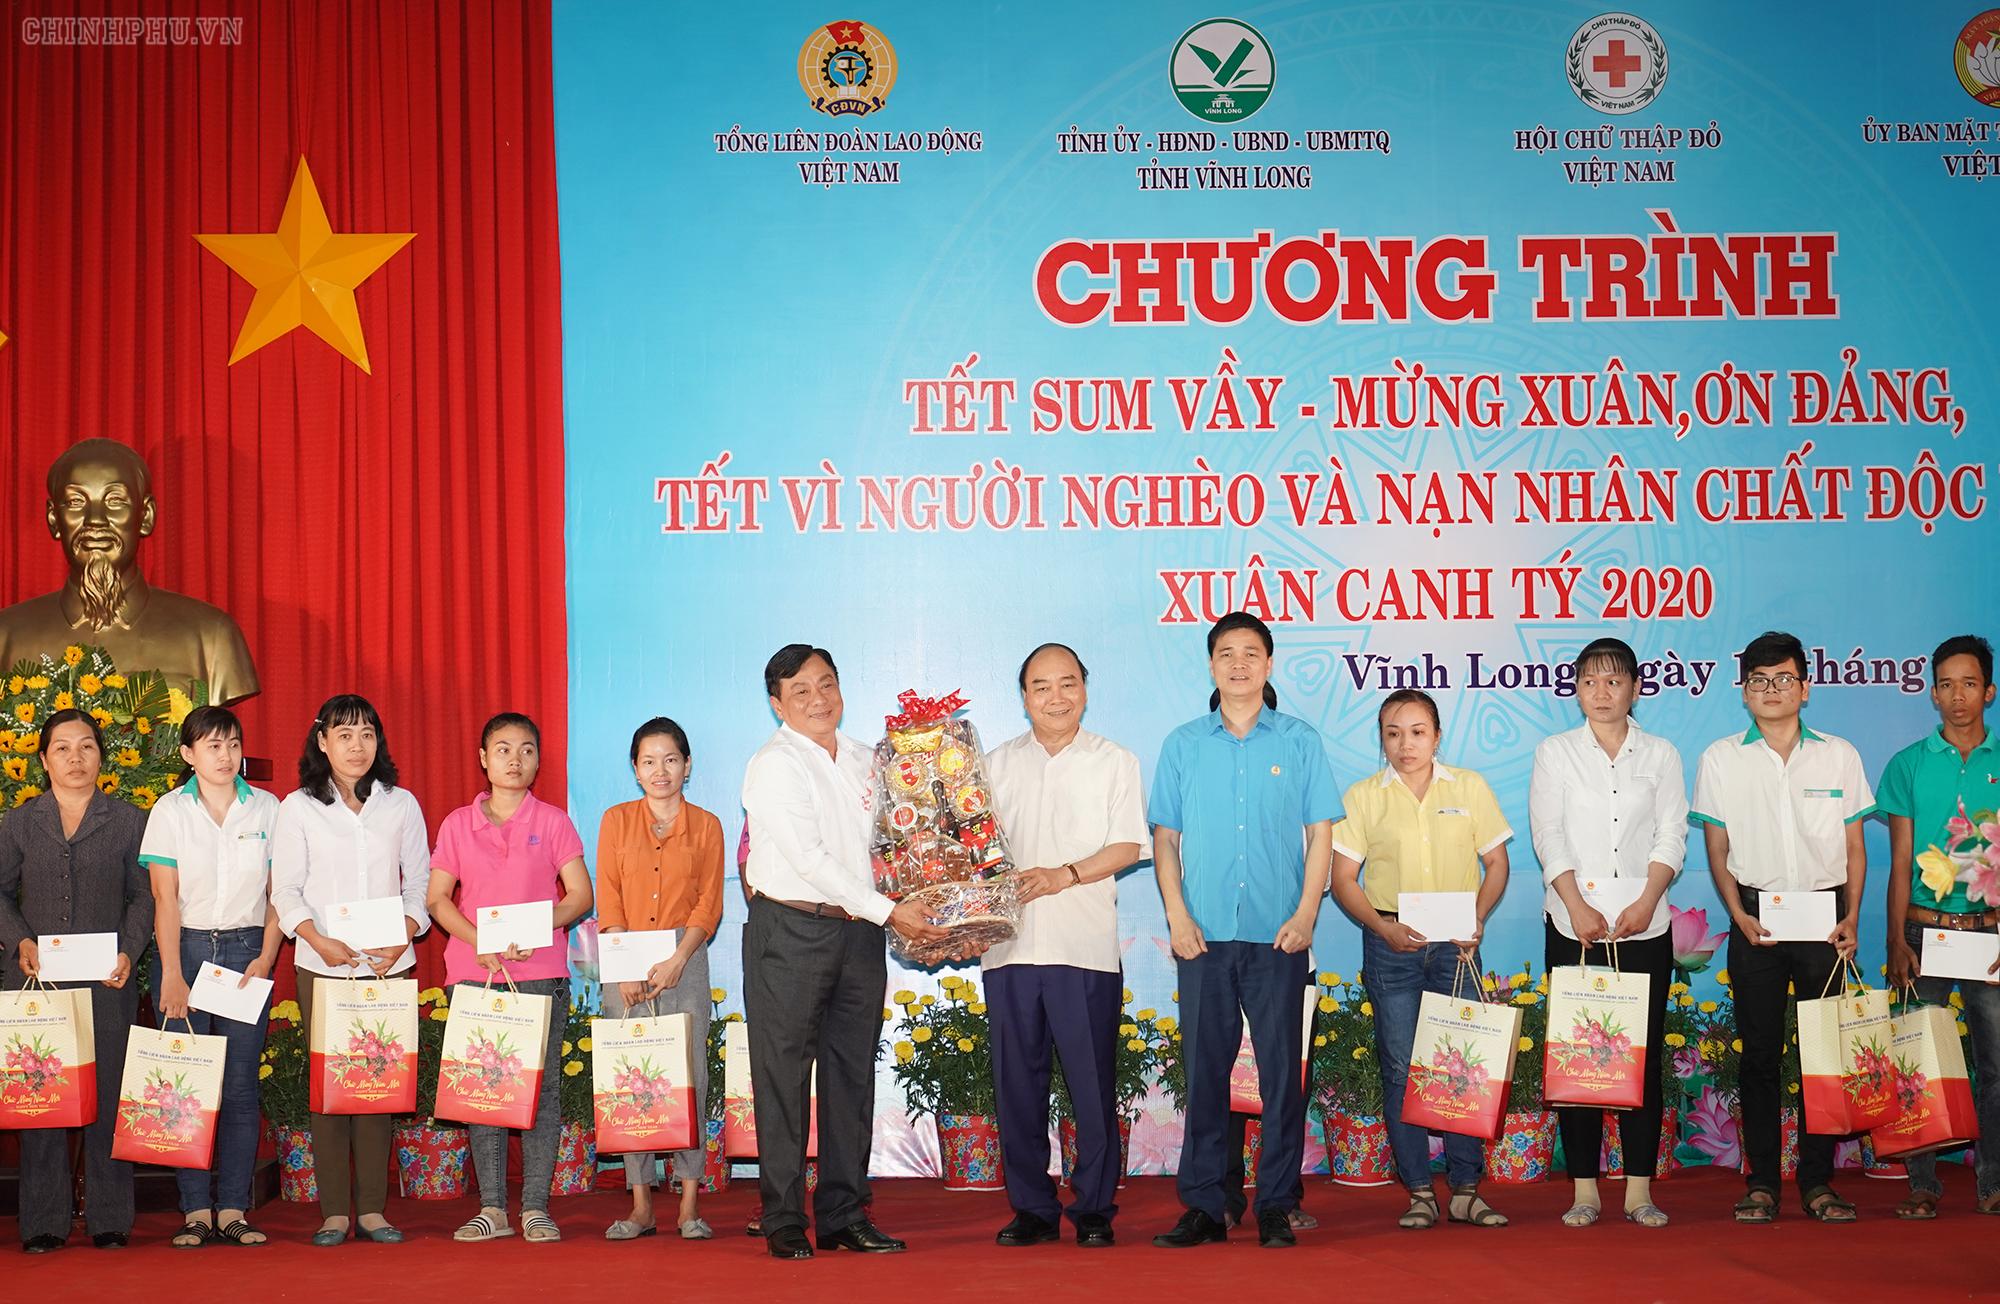 Thủ tướng tặng quà tết cho công nhân tỉnh Vĩnh Long - Ảnh: VGP